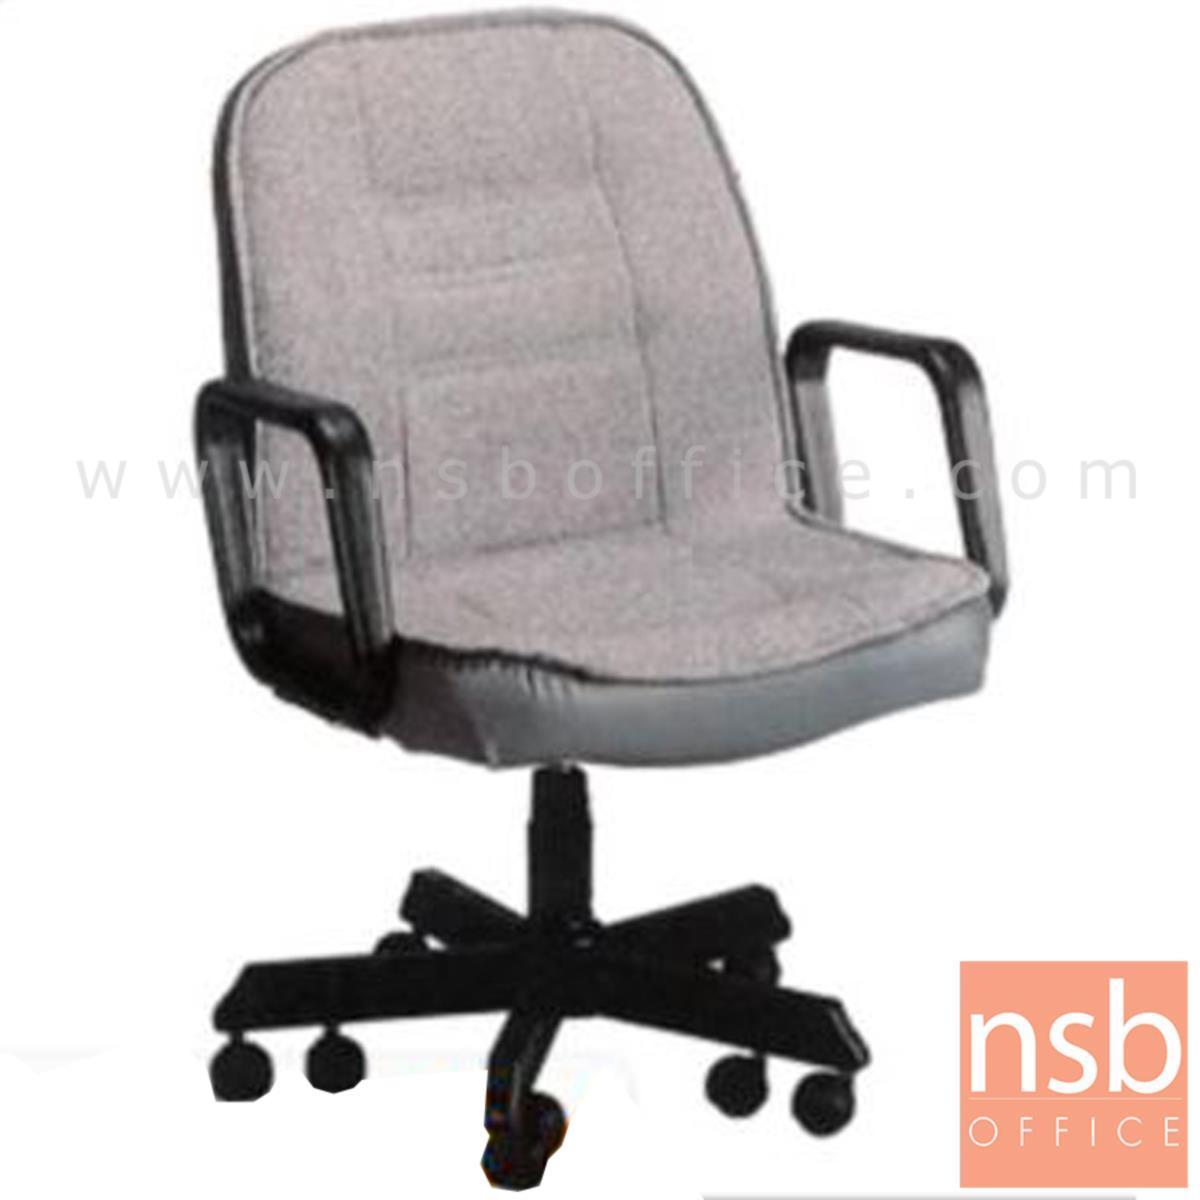 B14A005:เก้าอี้สำนักงาน รุ่น McLaughlin ขา 10 ล้อ